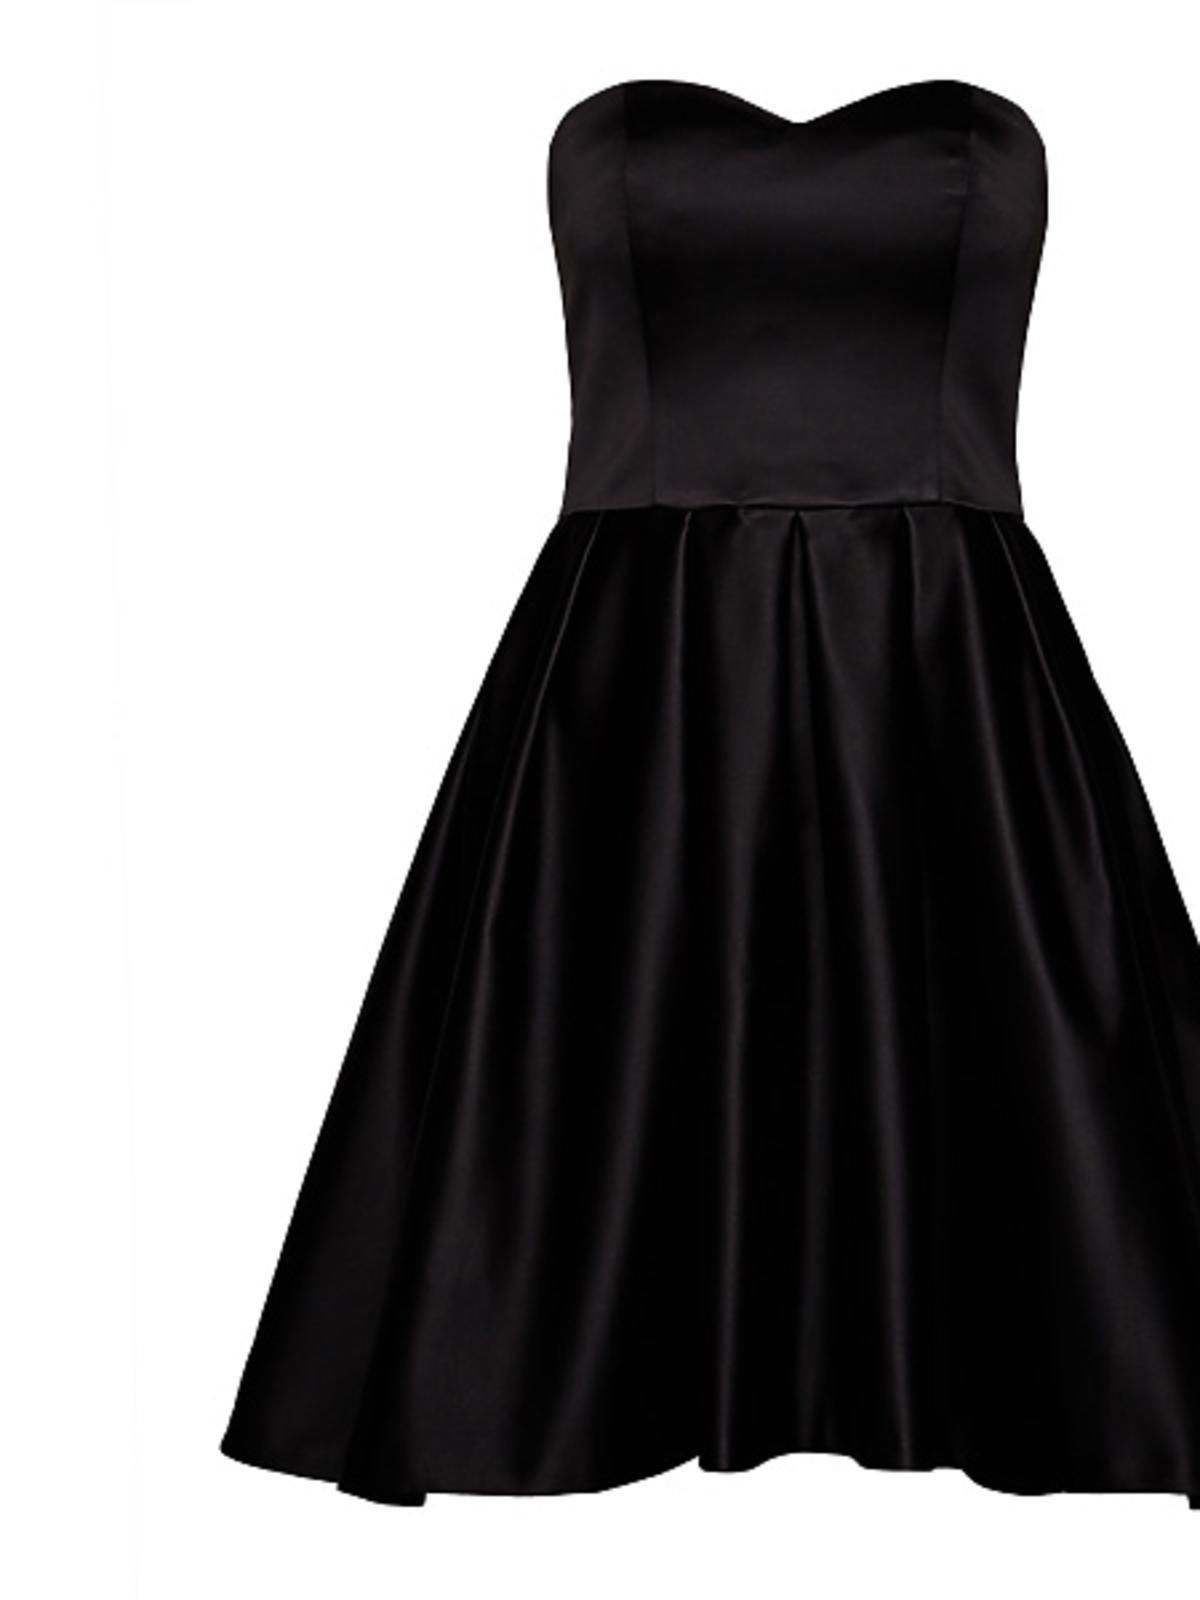 Czarna sukienka Mohito, cena